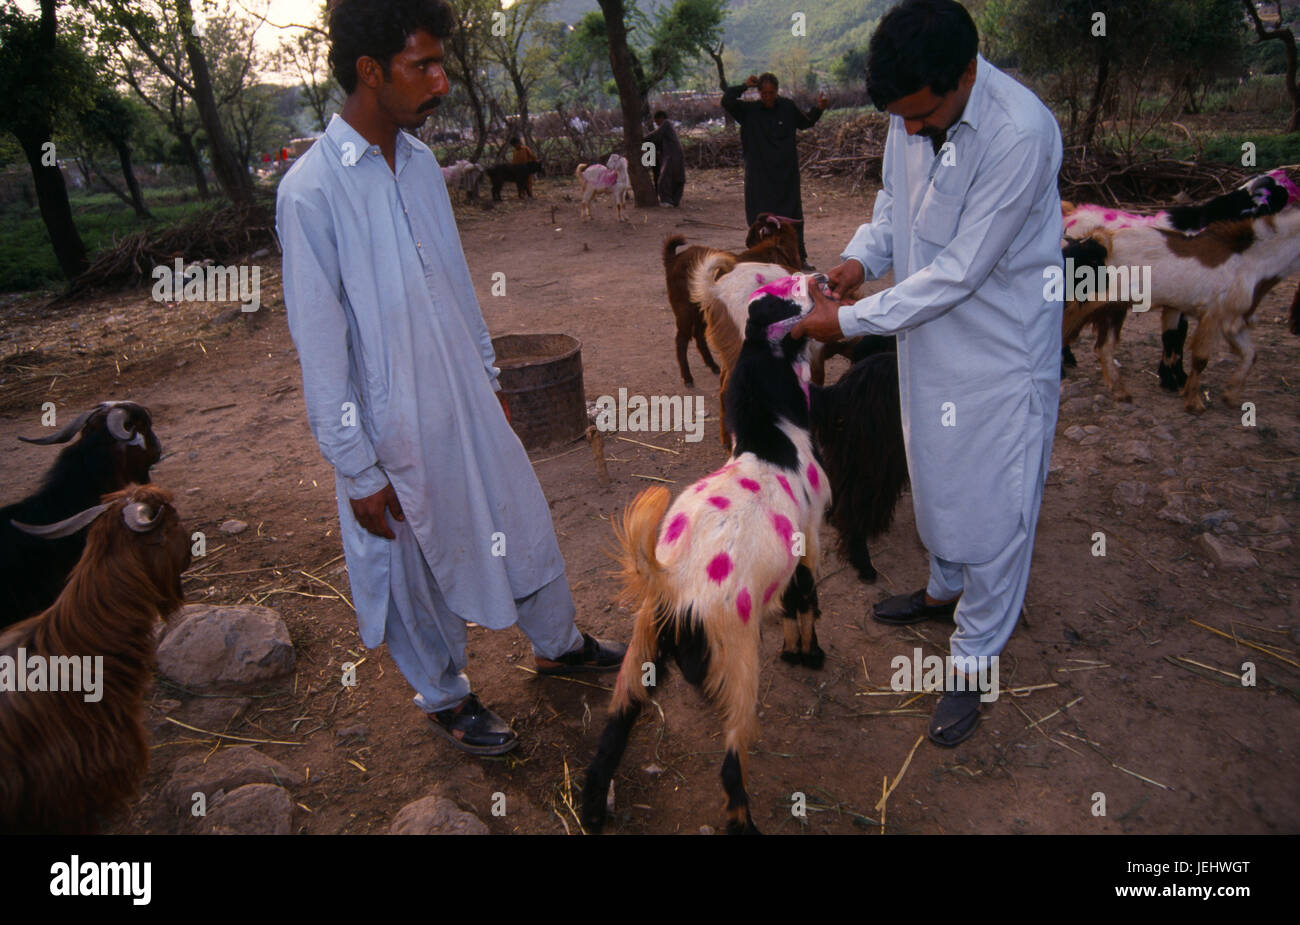 Market Islamabad Pakistan Stock Photos & Market Islamabad Pakistan